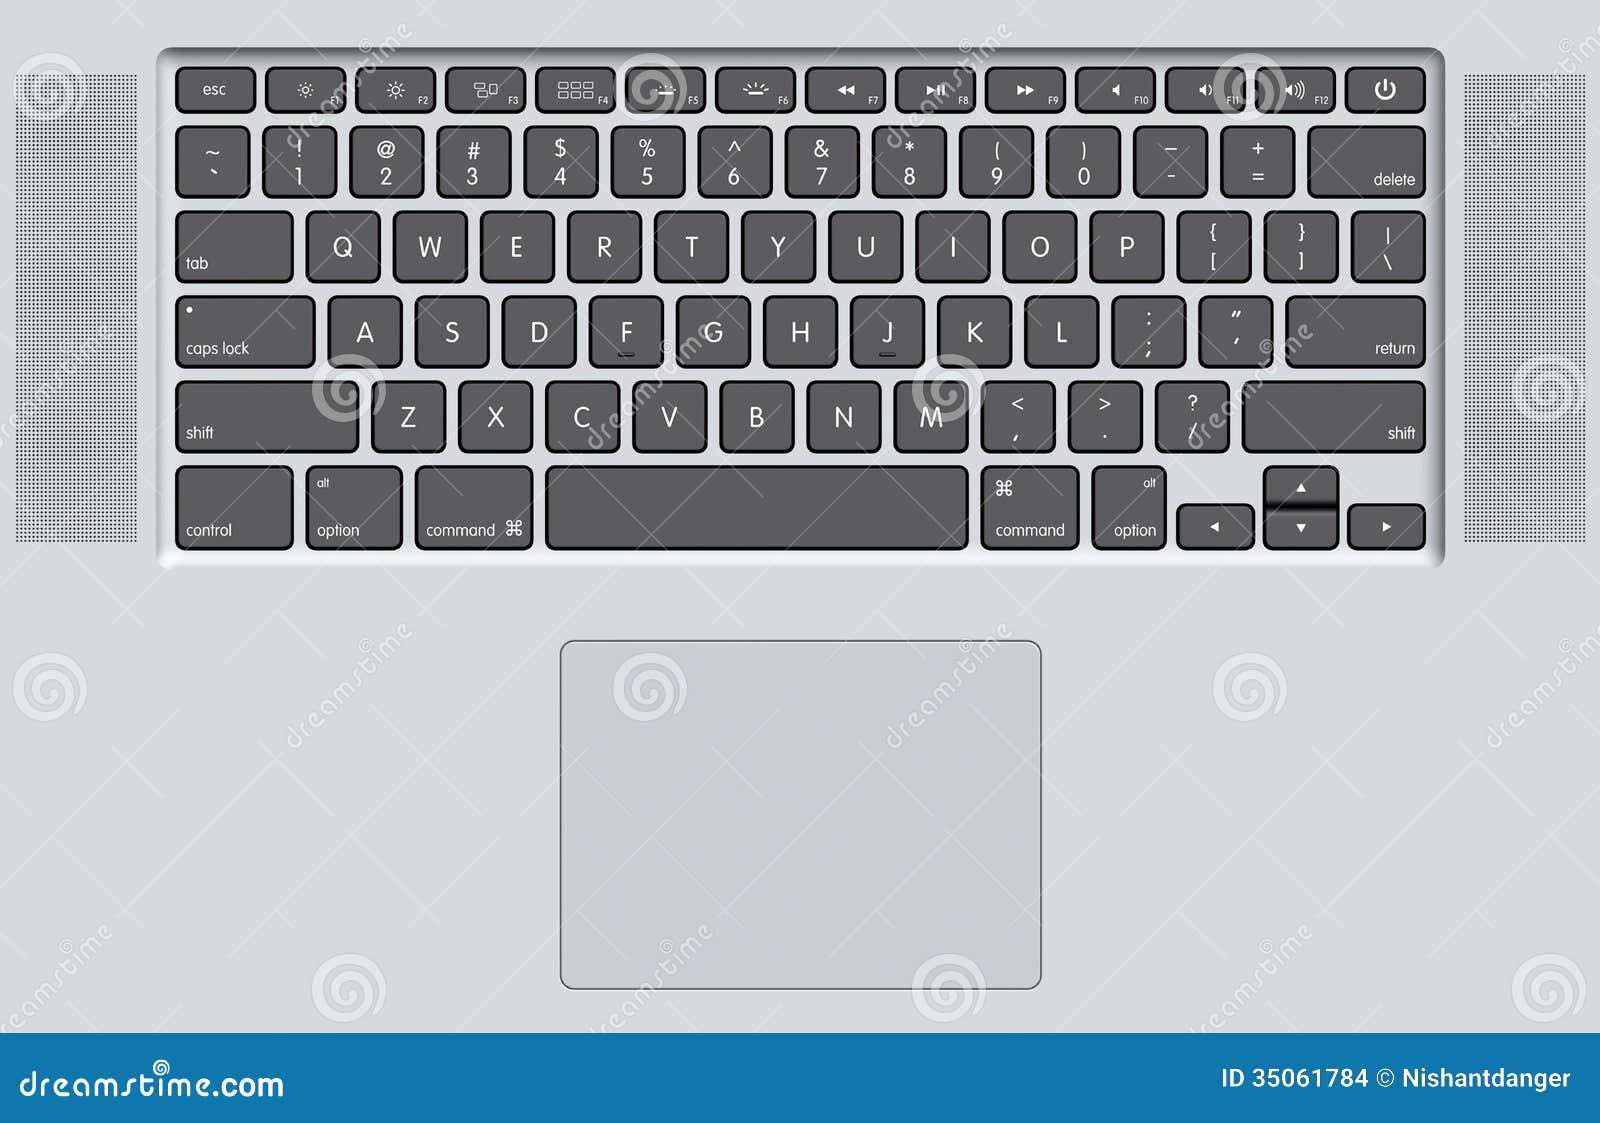 black keyboard of white laptop stock images image 35061784. Black Bedroom Furniture Sets. Home Design Ideas